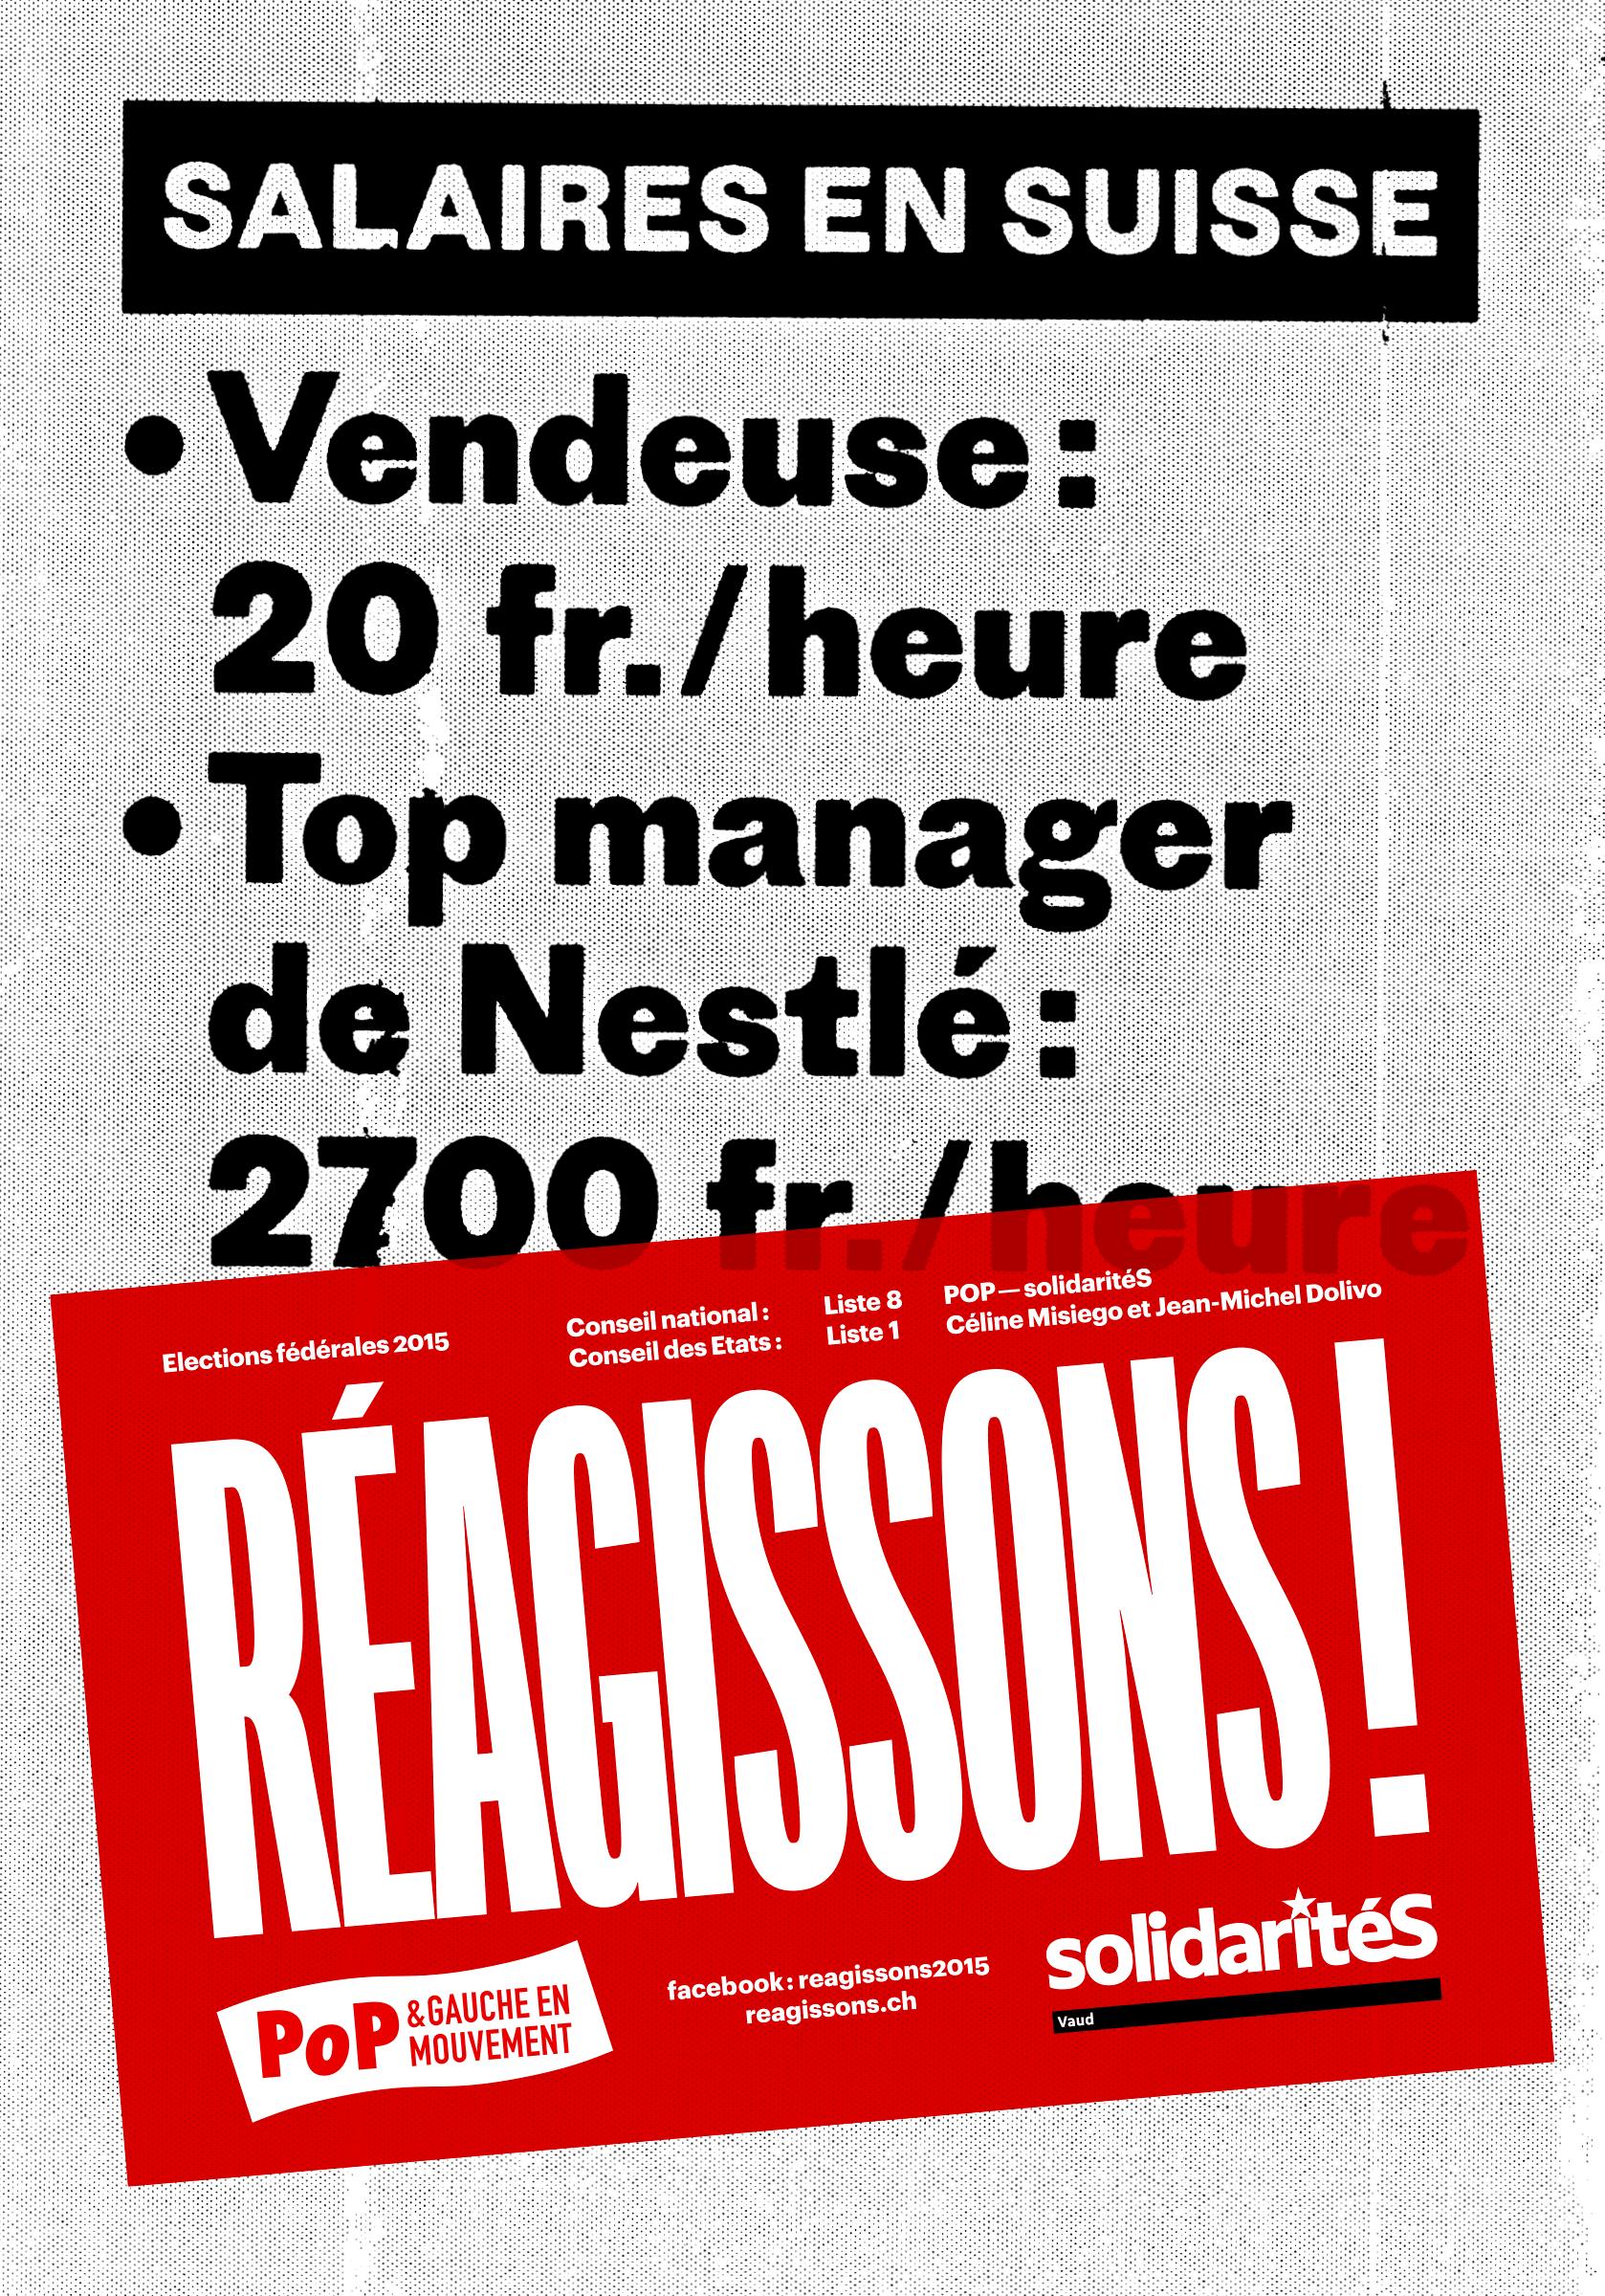 Affiche de la campagne électorale POP–solidaritéS Vaud pour les élections fédérales 2015